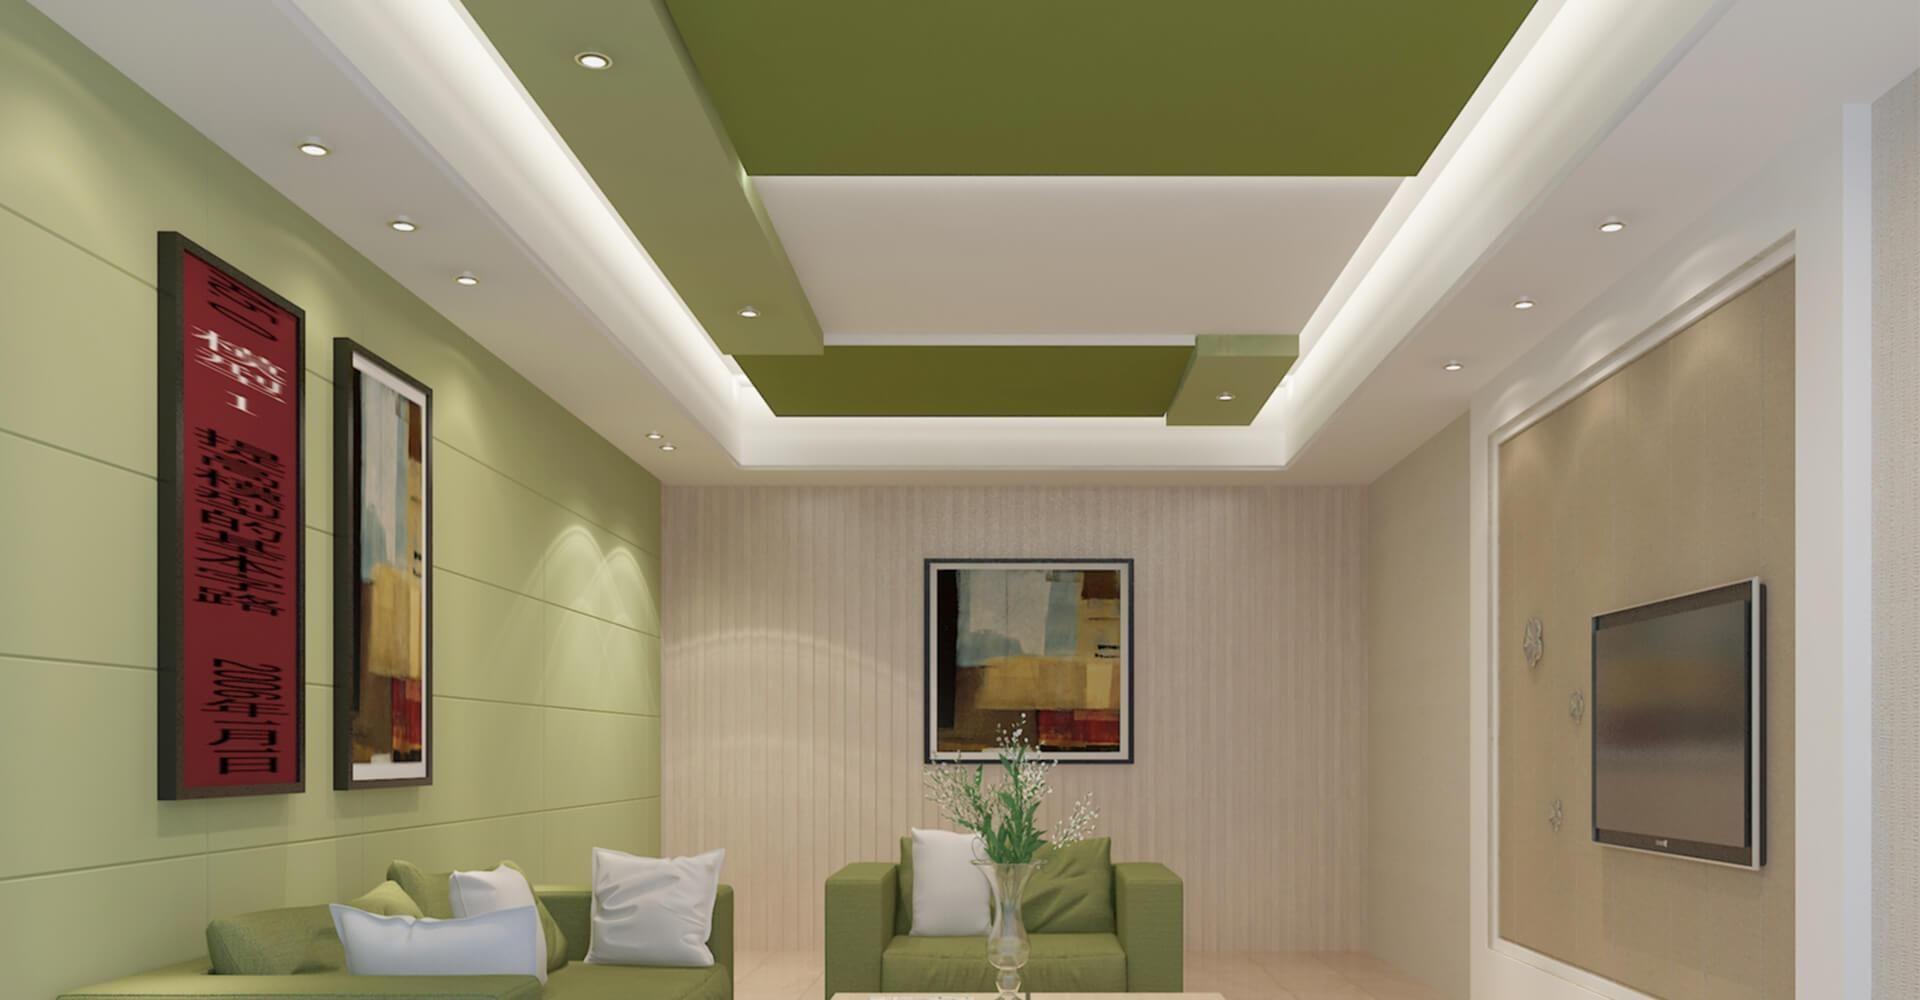 Best Gypsum Ceiling Designs In Nairobi Kenya In 2020 Pop False Ceiling Design False Ceiling Design Ceiling Design